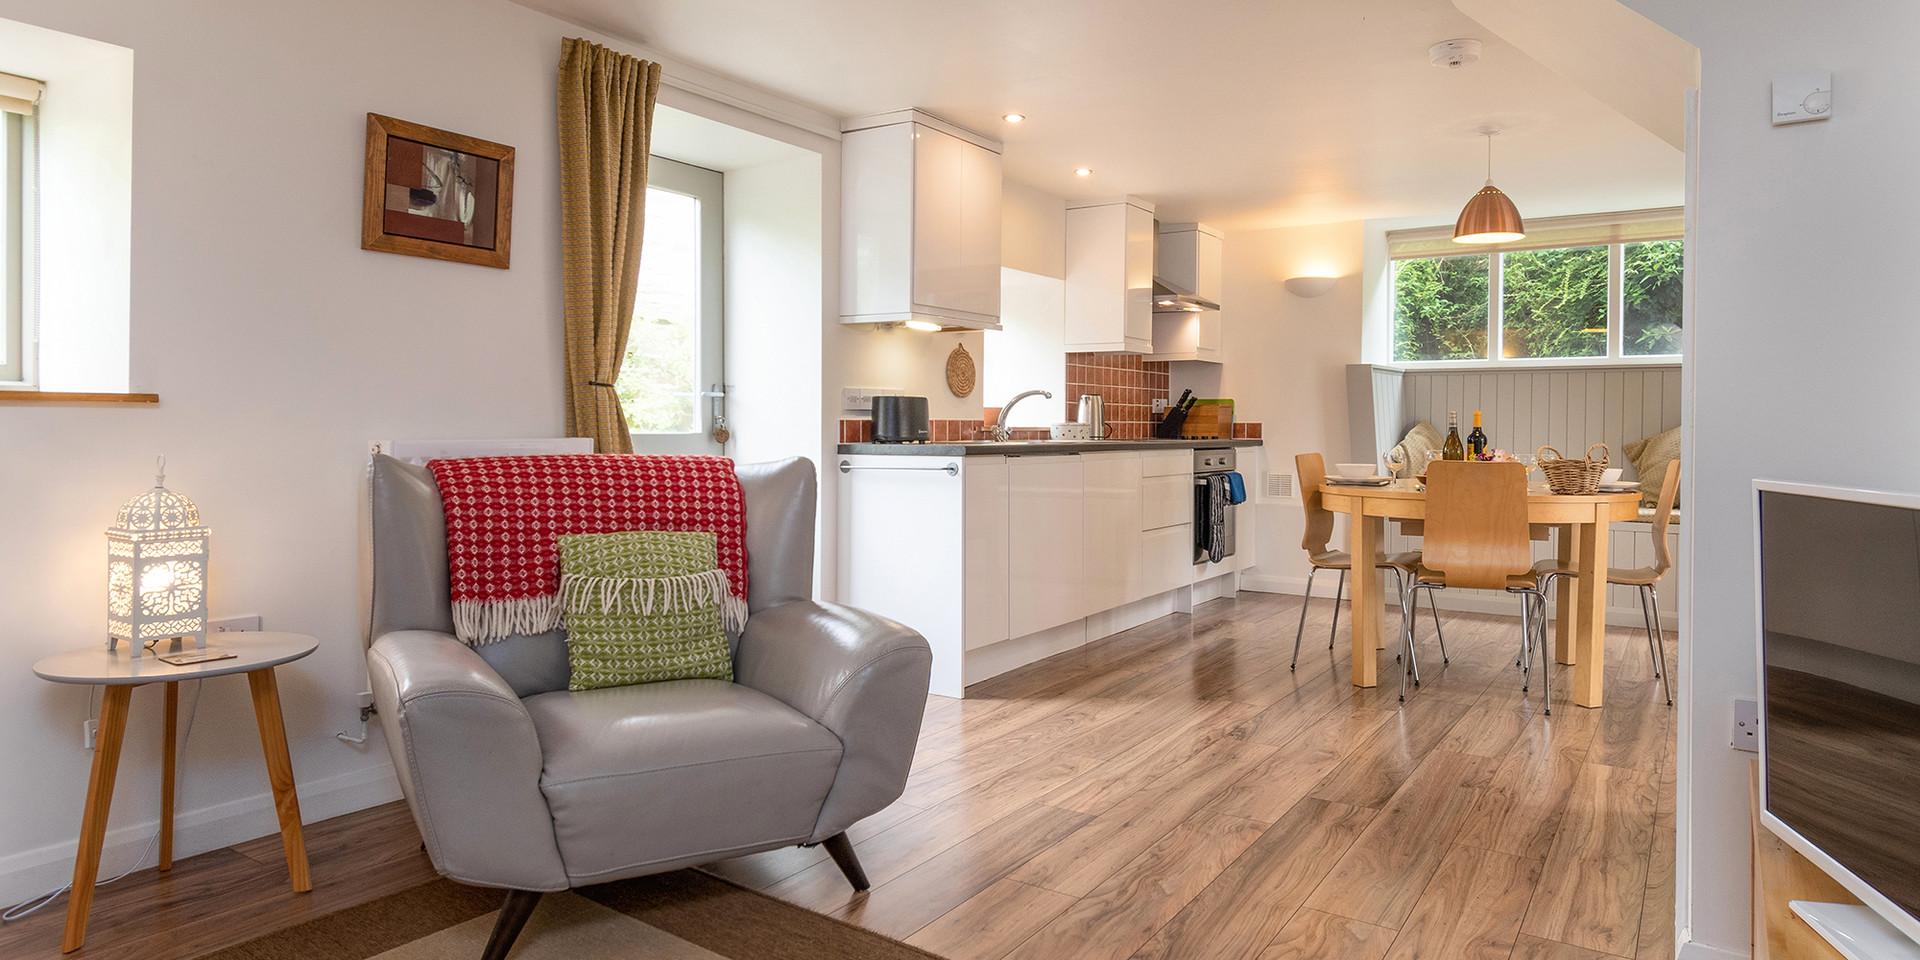 Cottage kitchen/dining